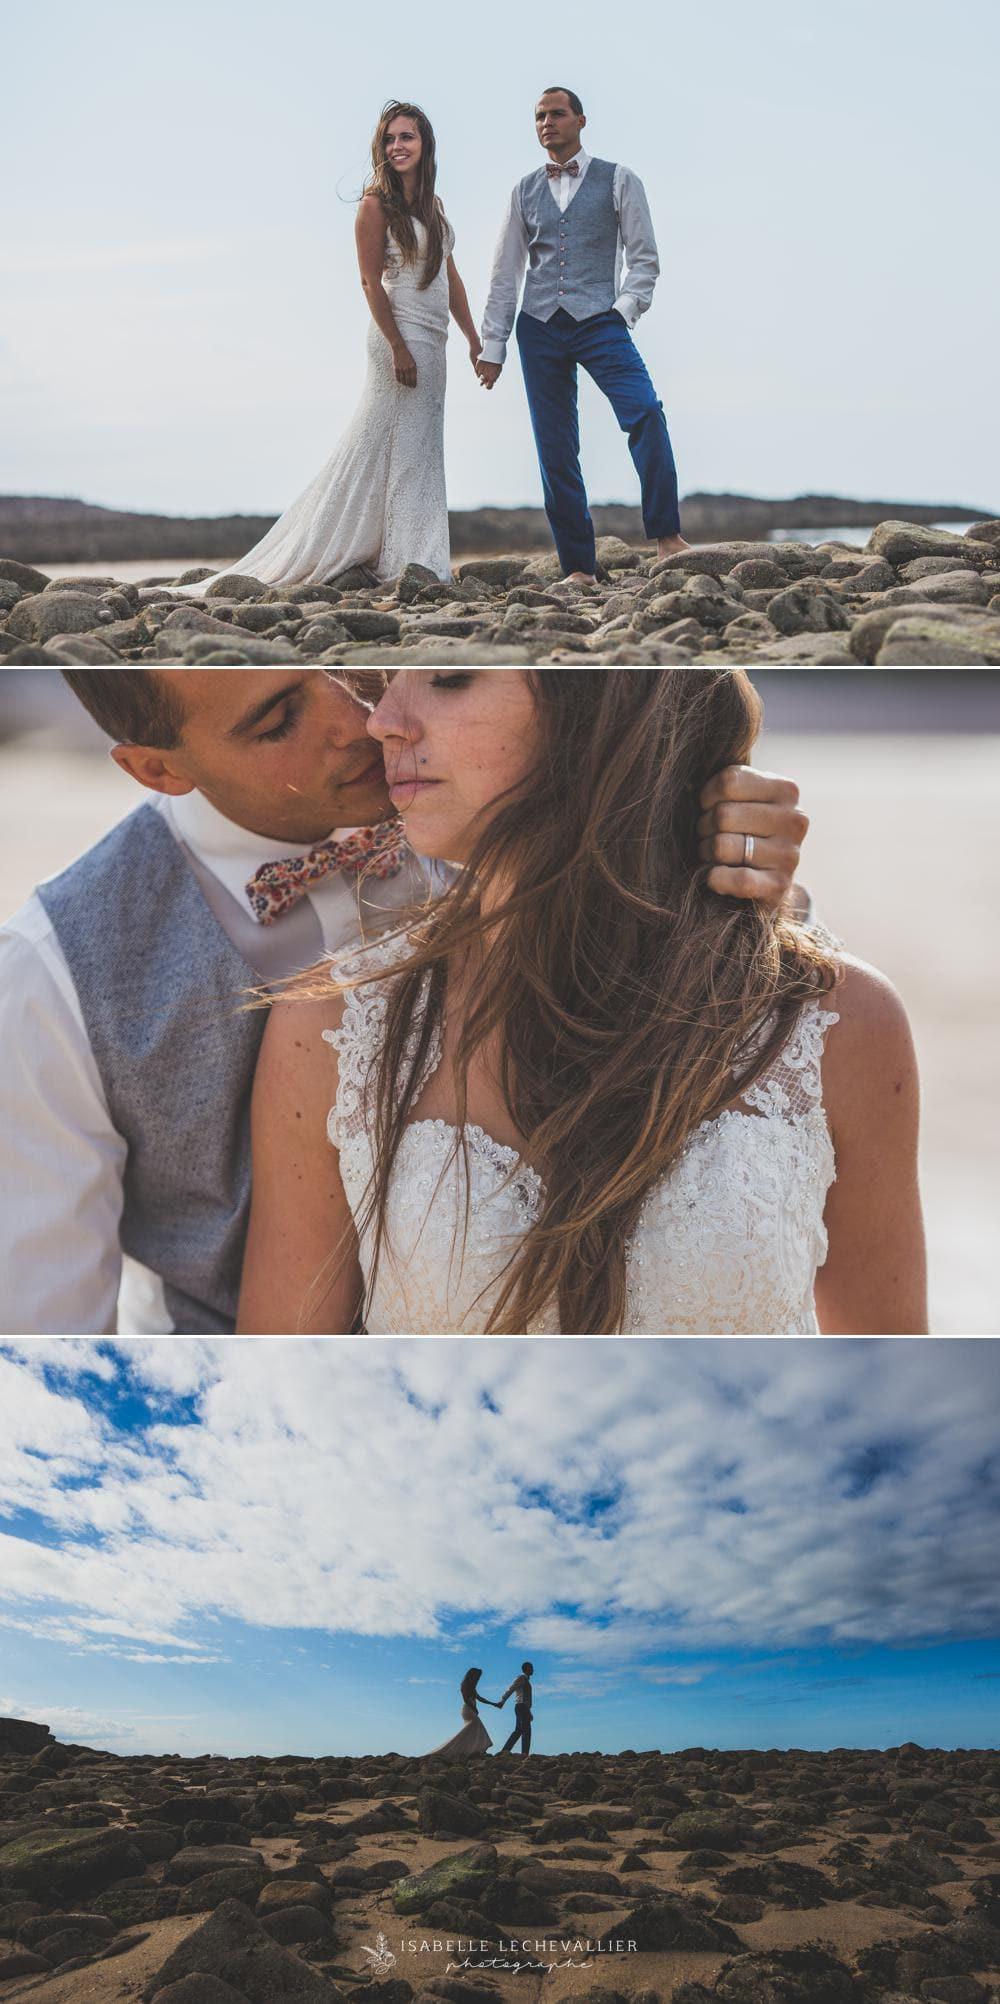 Séance photo après mariage à Erquy